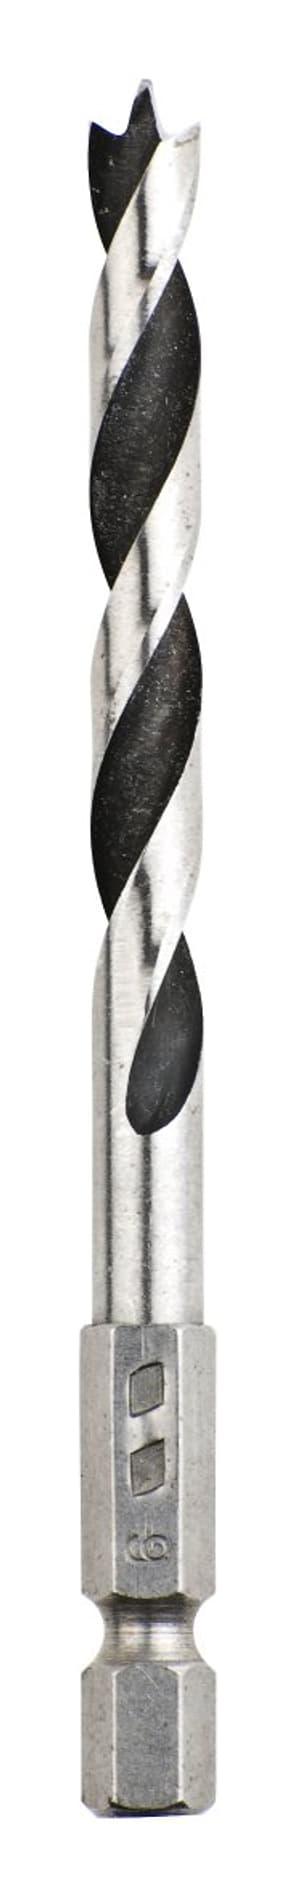 """Spiralbohrer mit Sechskantaufnahme 1/4"""", ø 4 mm"""